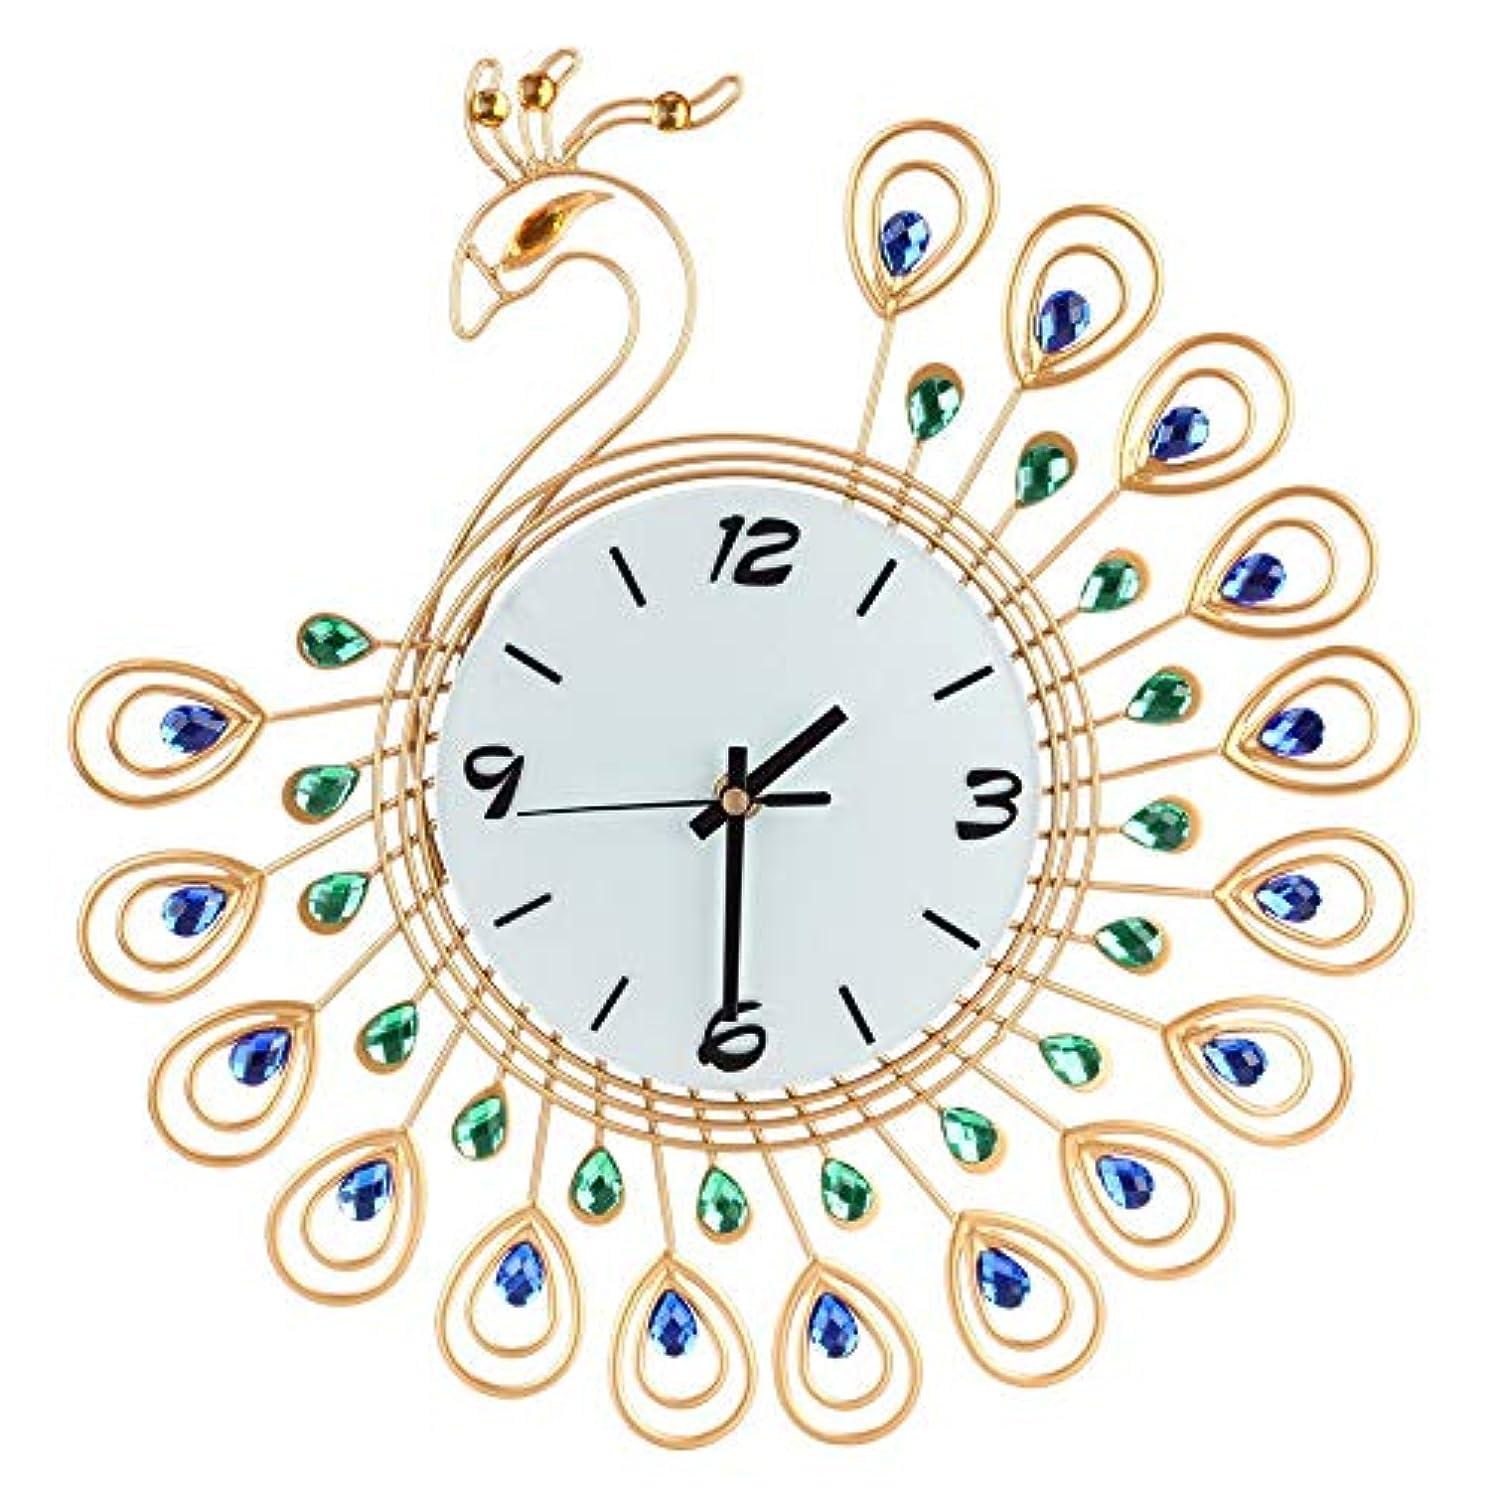 オン背の高い一般化するルームオフィスのための壁時計の金属のラインストーンの家の装飾の孔雀の時計 (ゴールド)